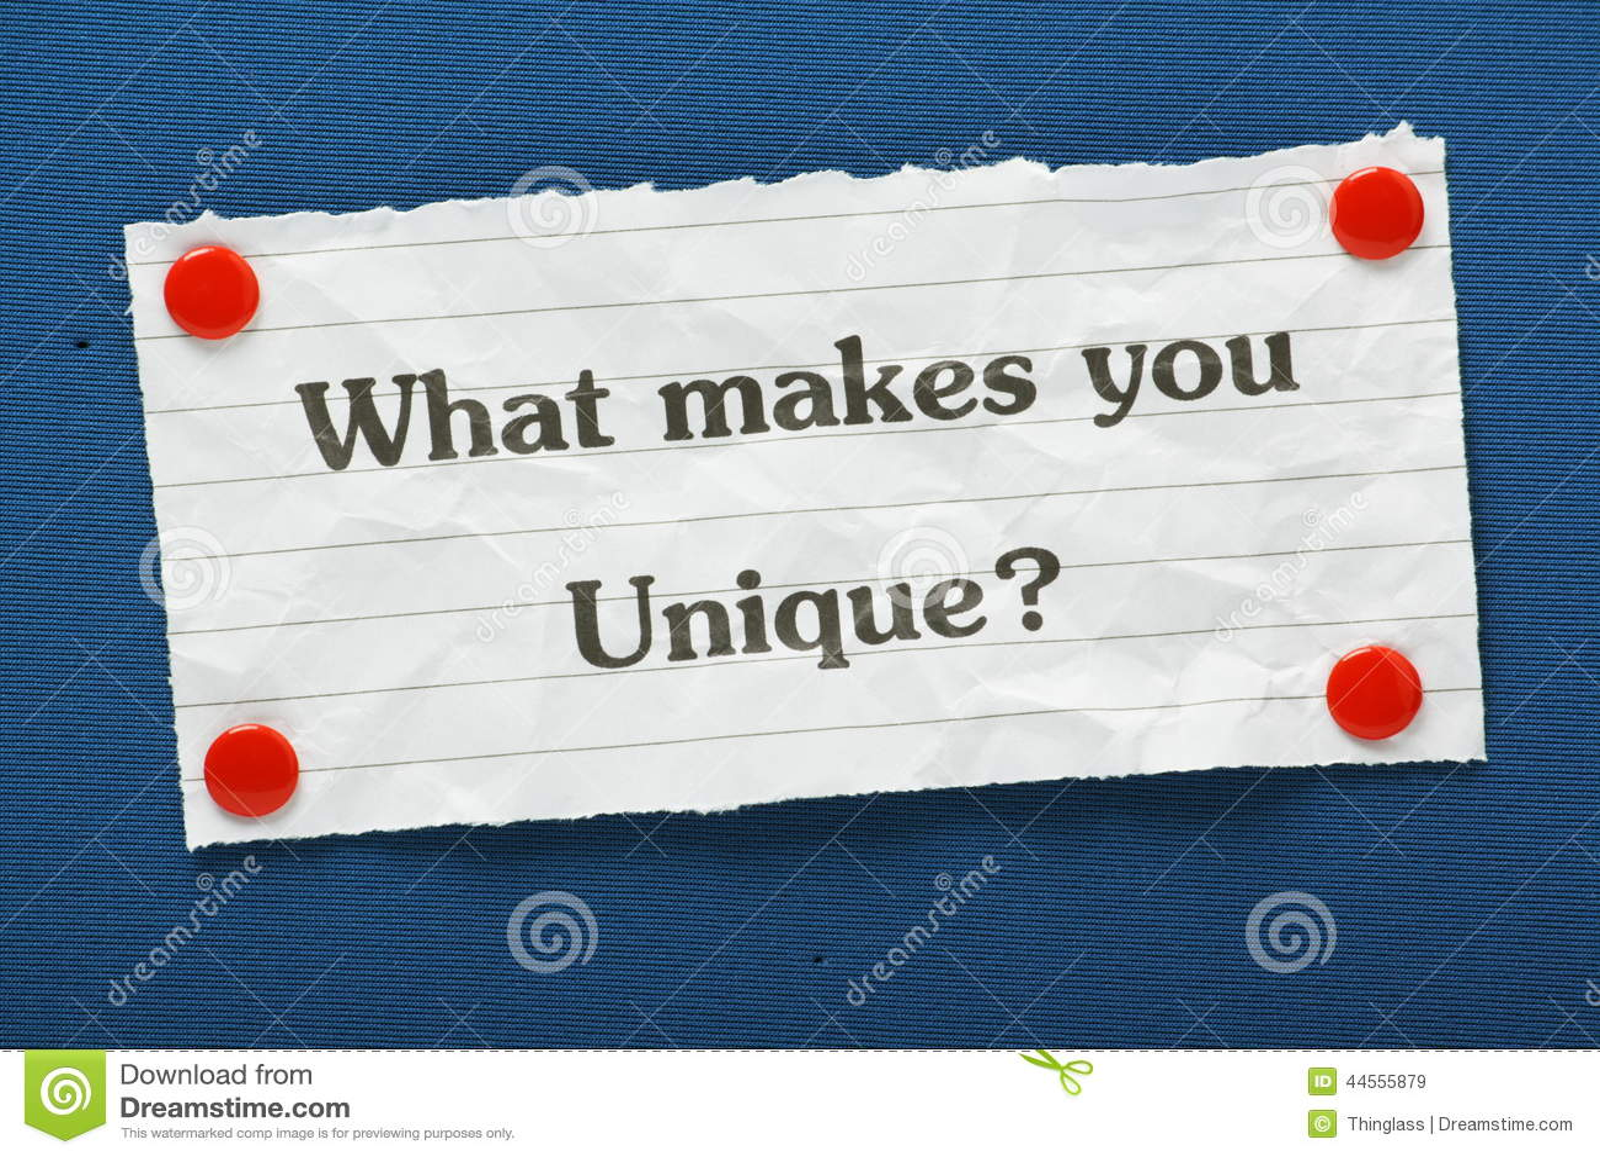 what makes you unique essay